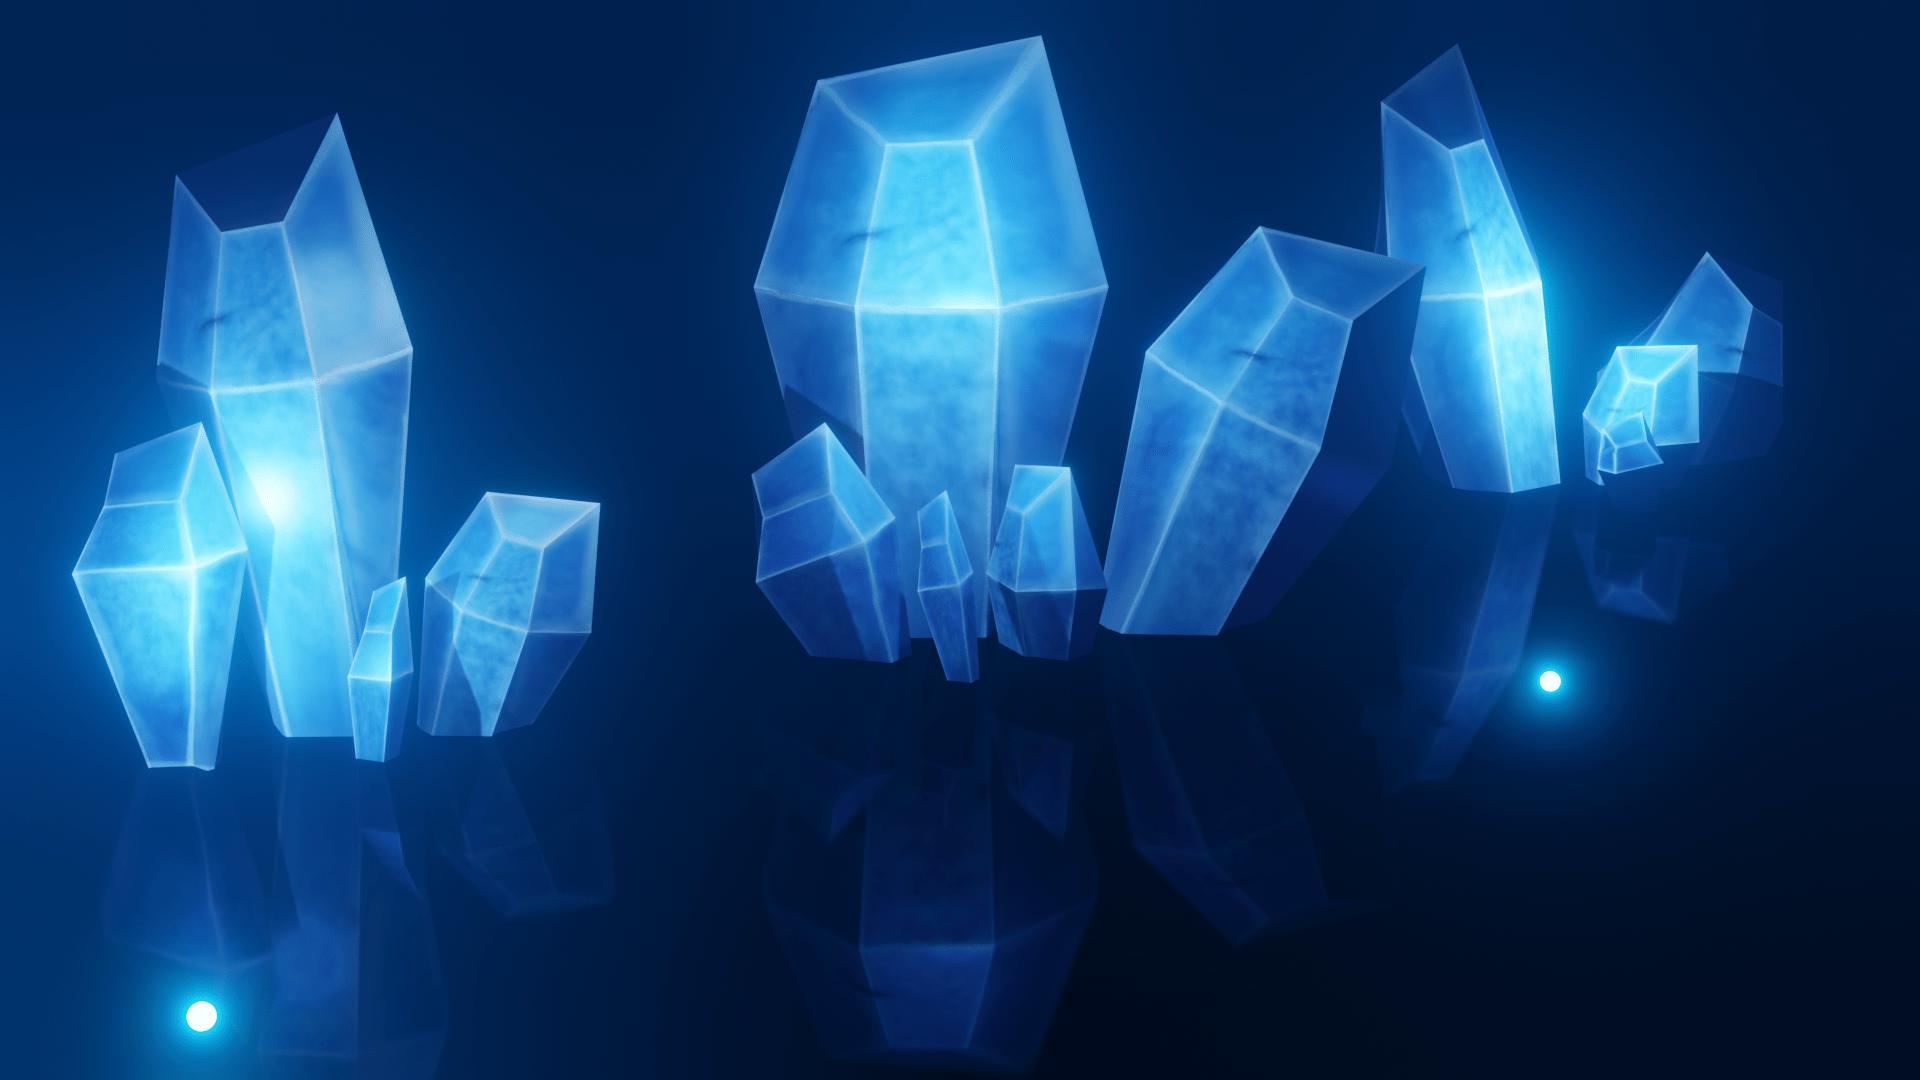 gemme-opache-texture-cloud